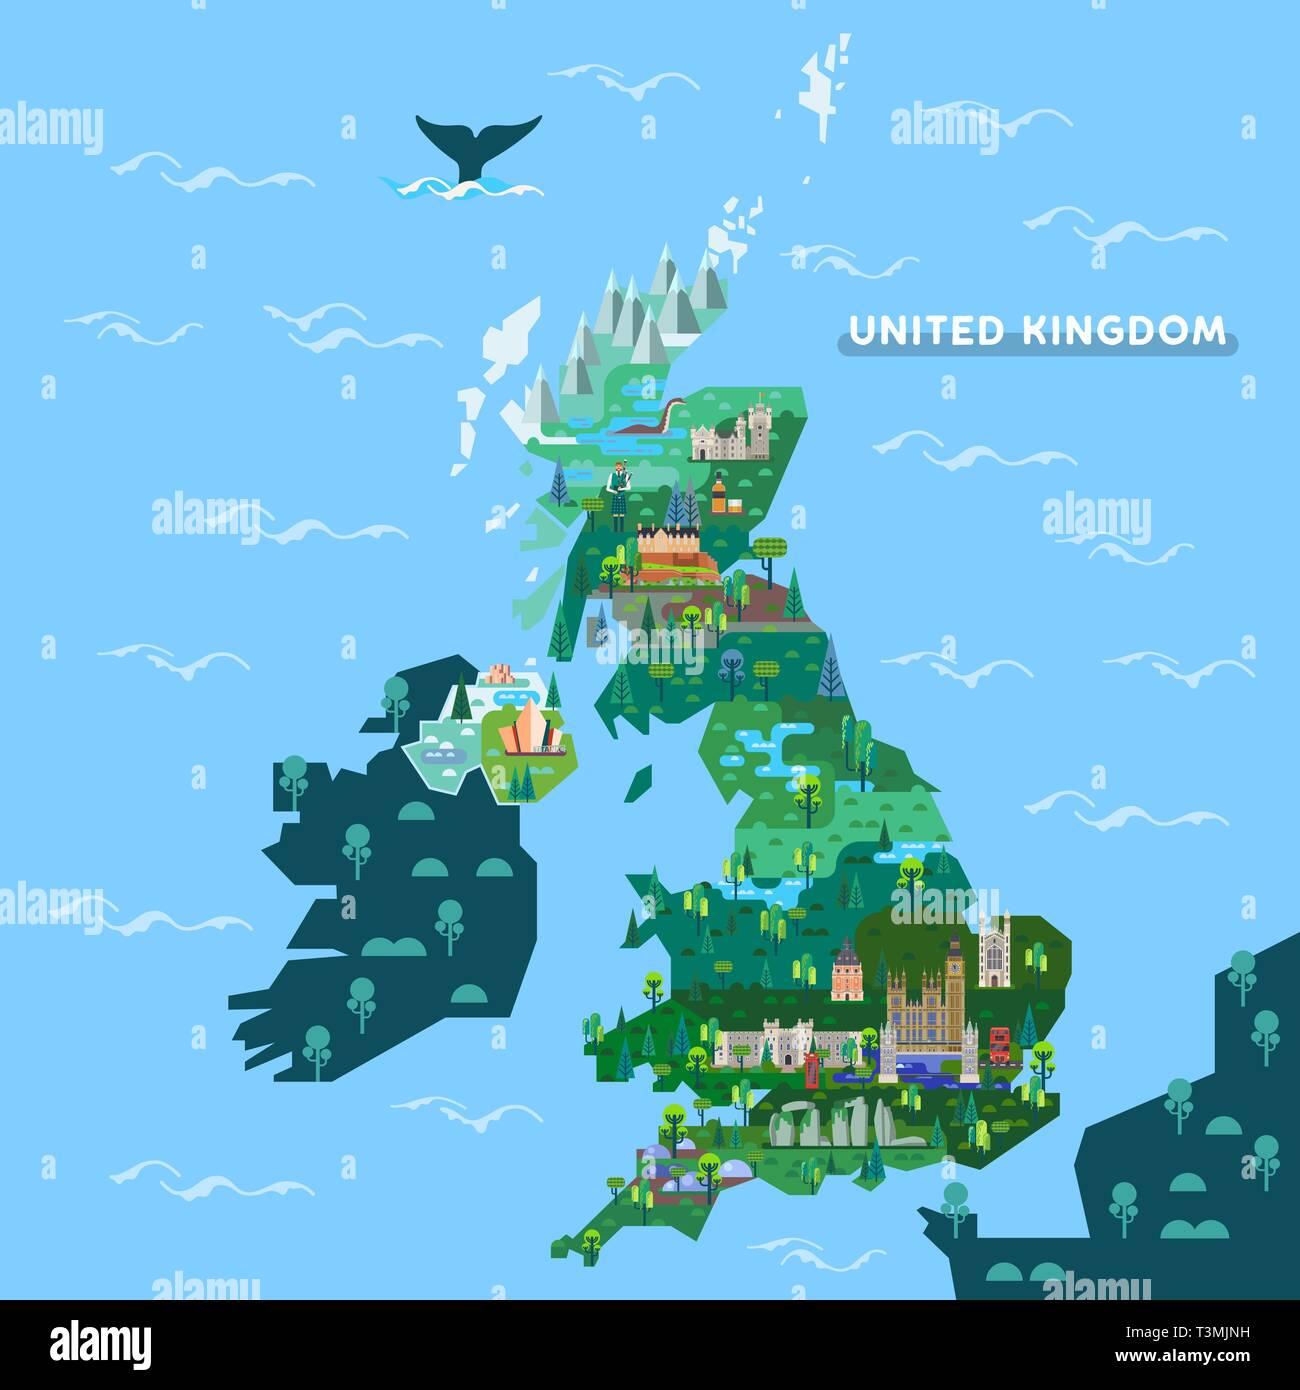 Sehenswürdigkeiten Großbritannien Karte.England Großbritannien Karte Mit Berühmten Sehenswürdigkeiten